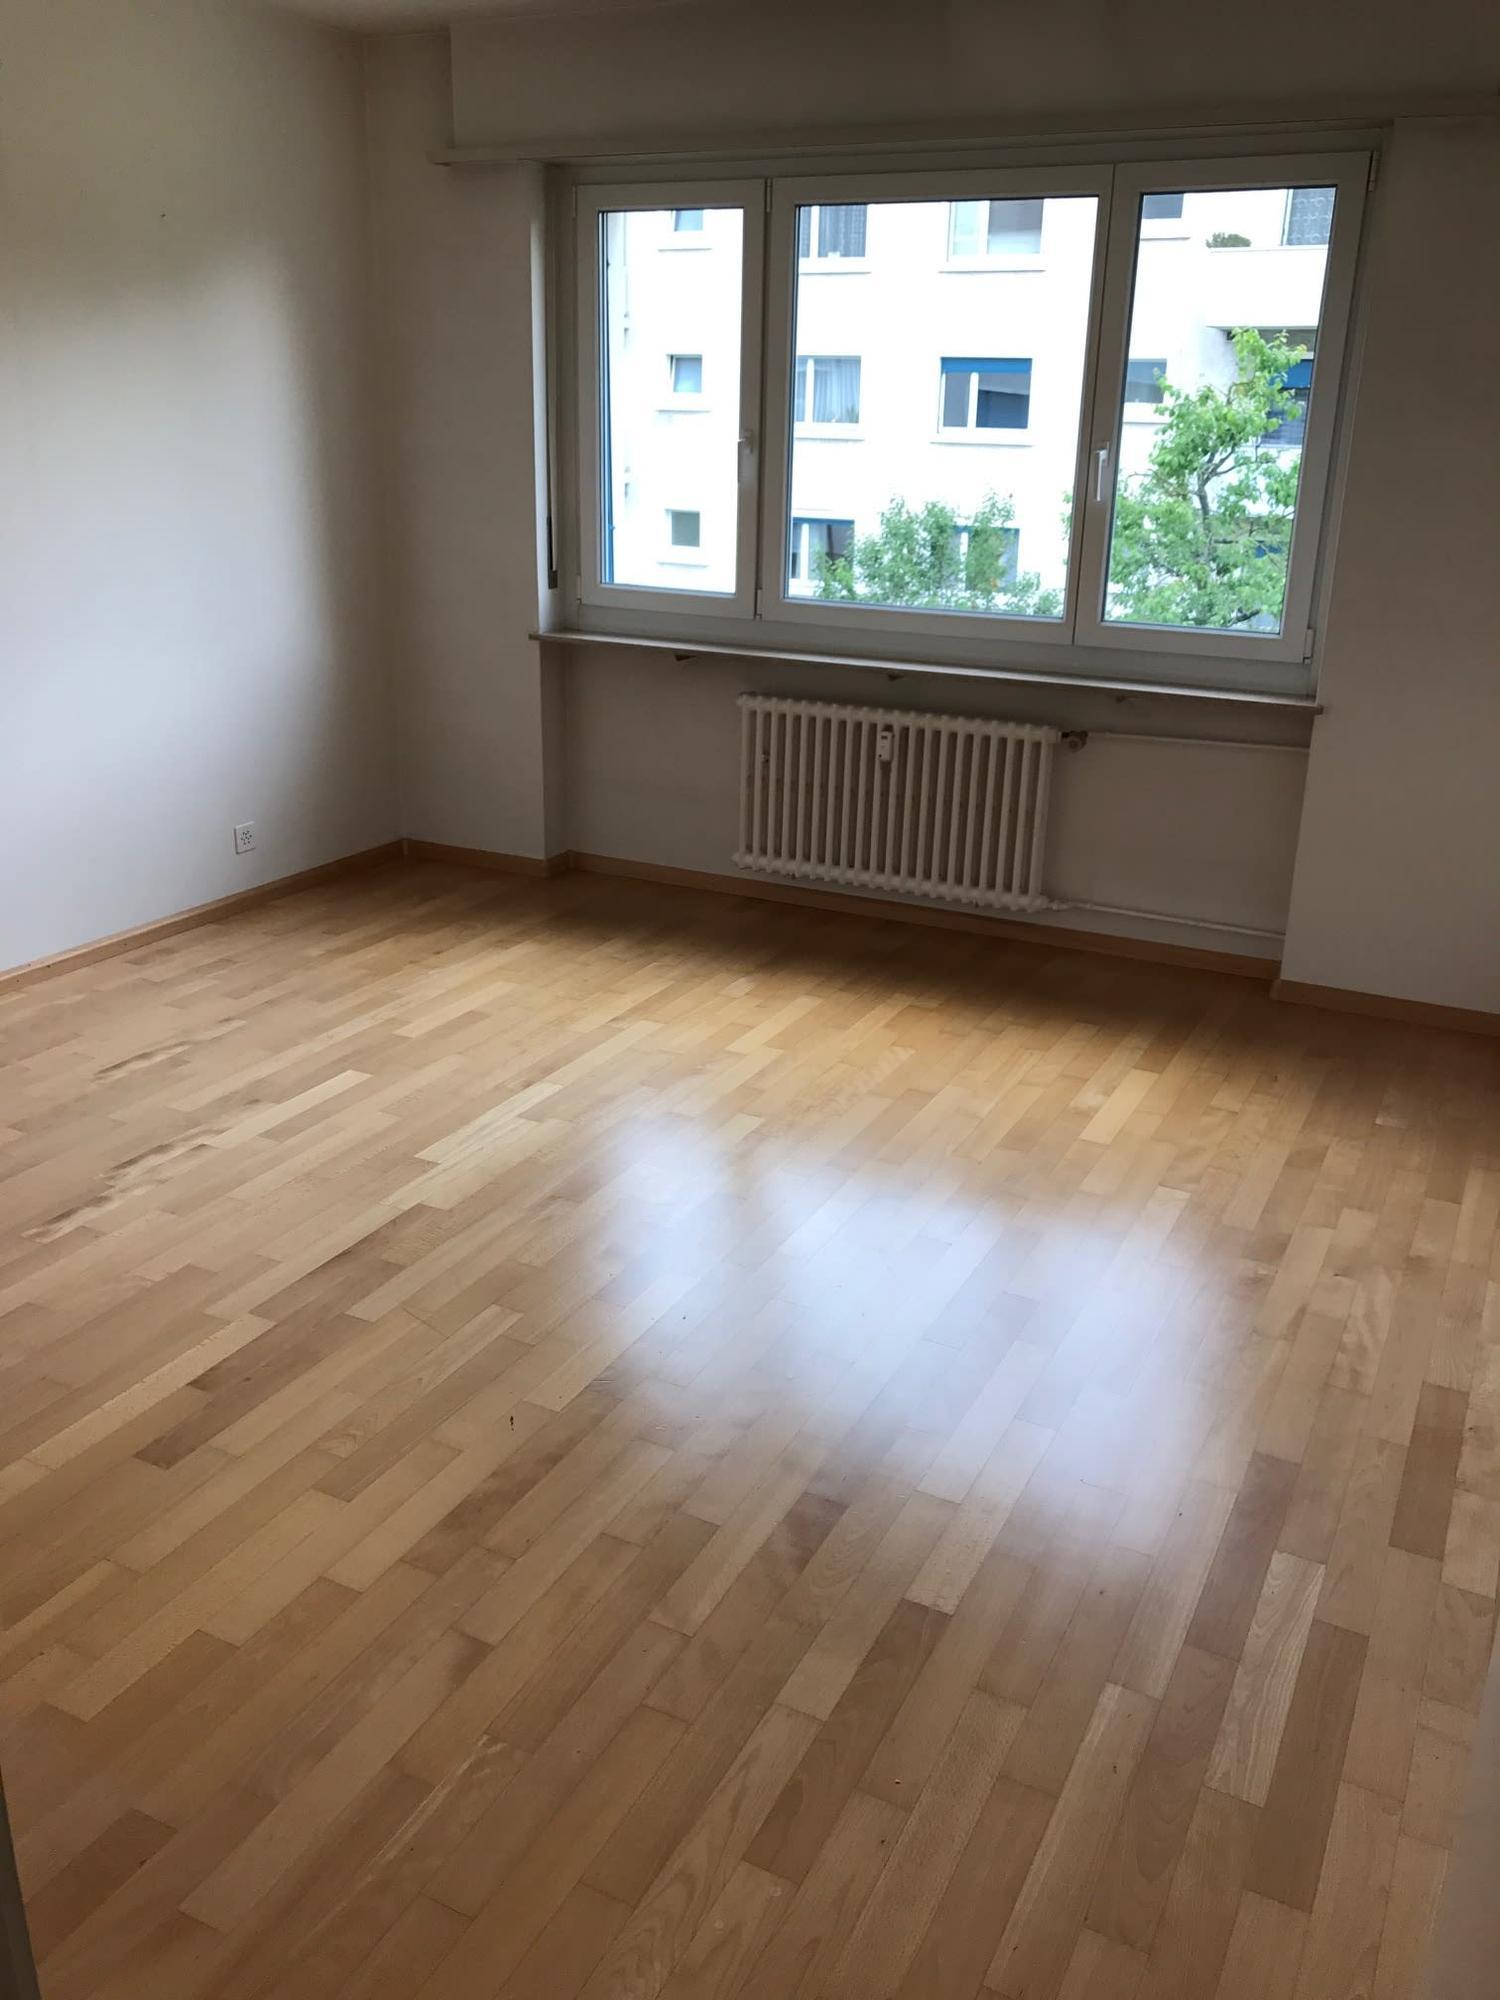 Miete: schöne Wohnung an ruhiger Wohnlage